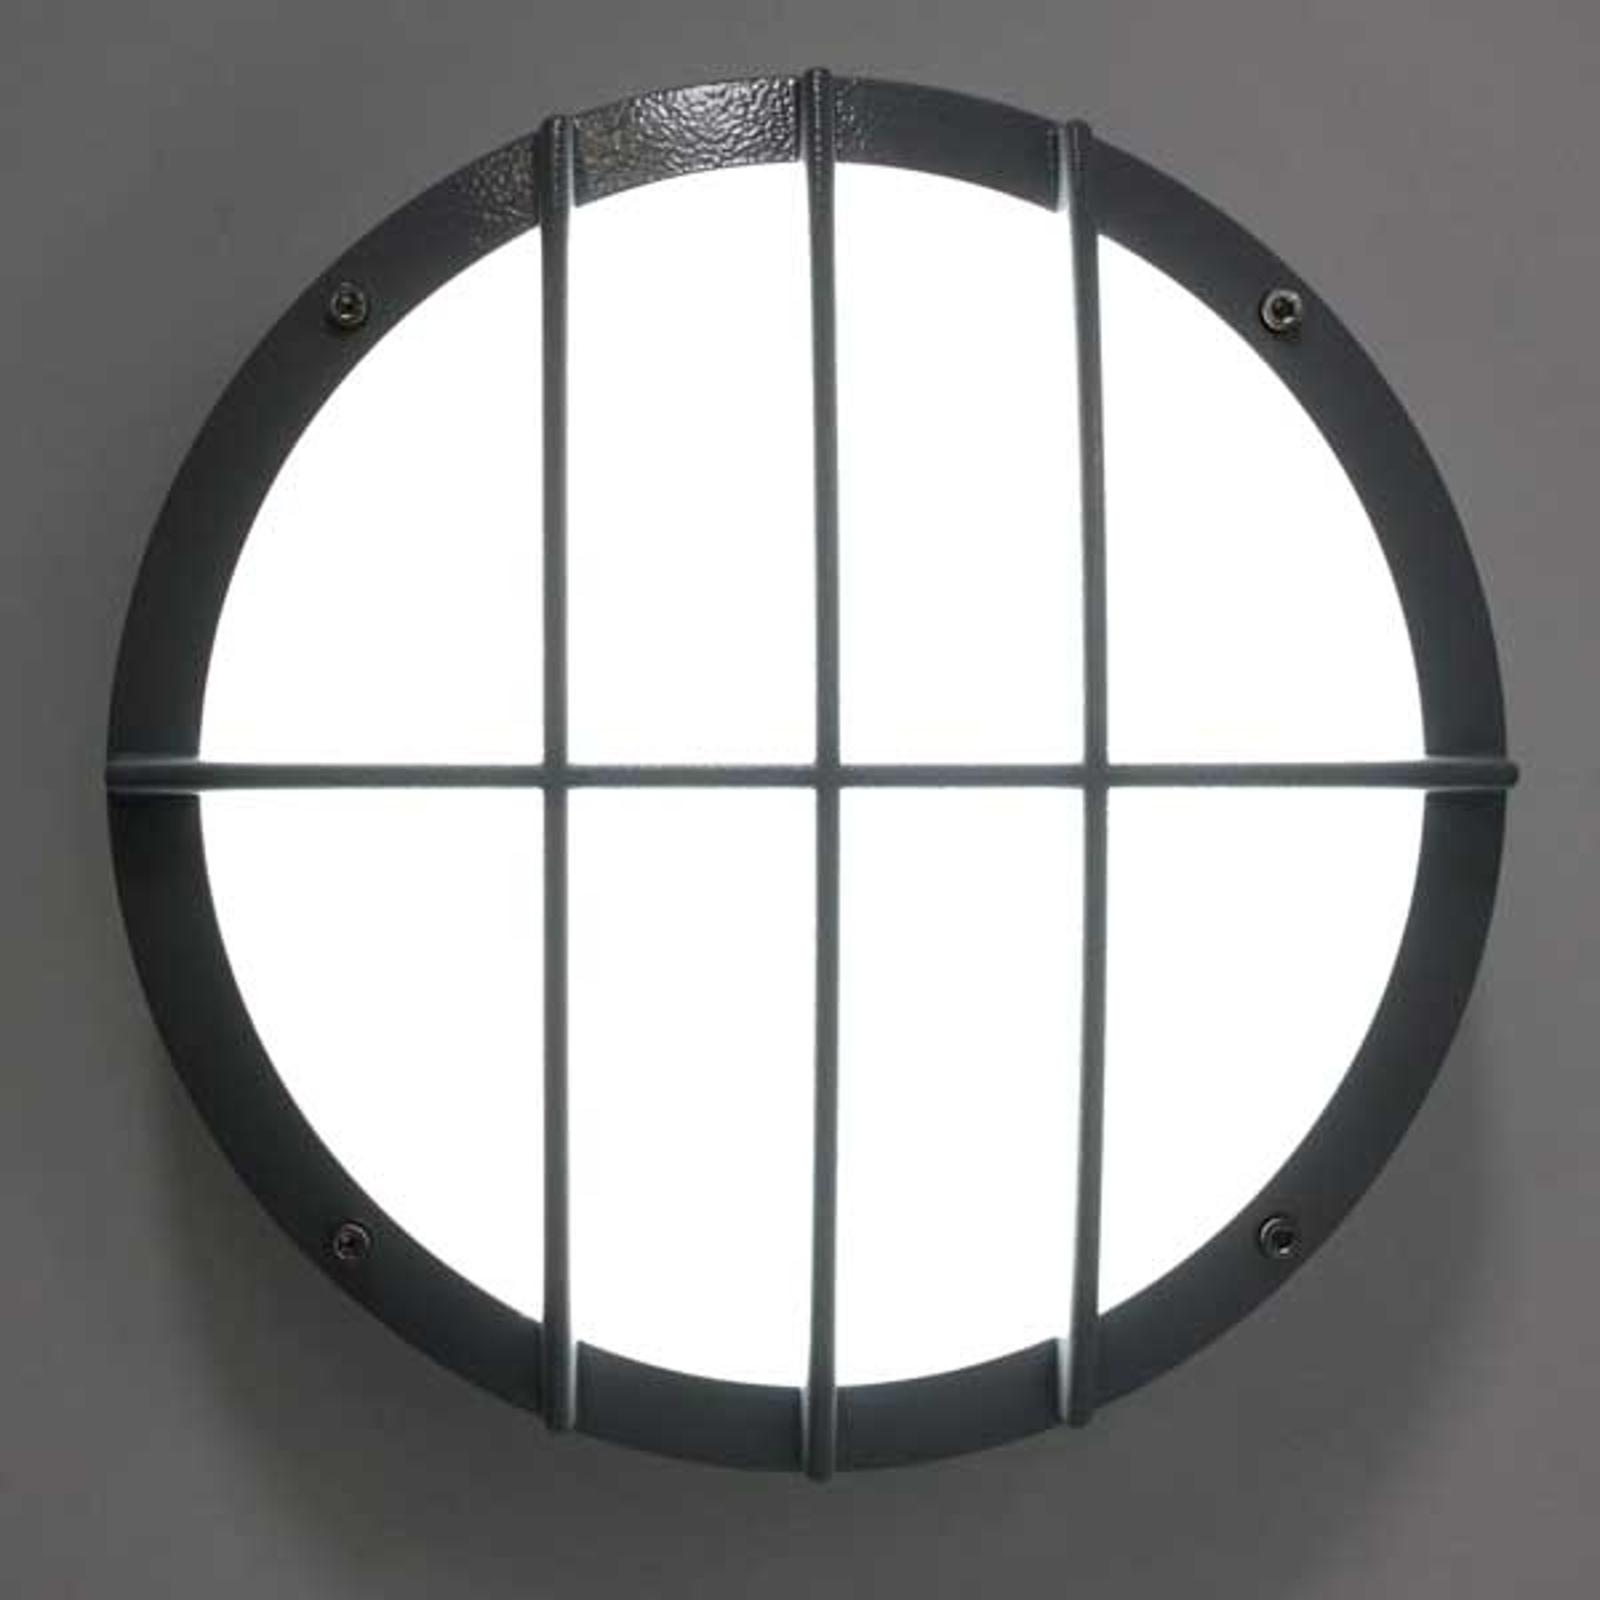 LED-seinävalaisin SUN 8, 8W 3 K alumiinipainevalu